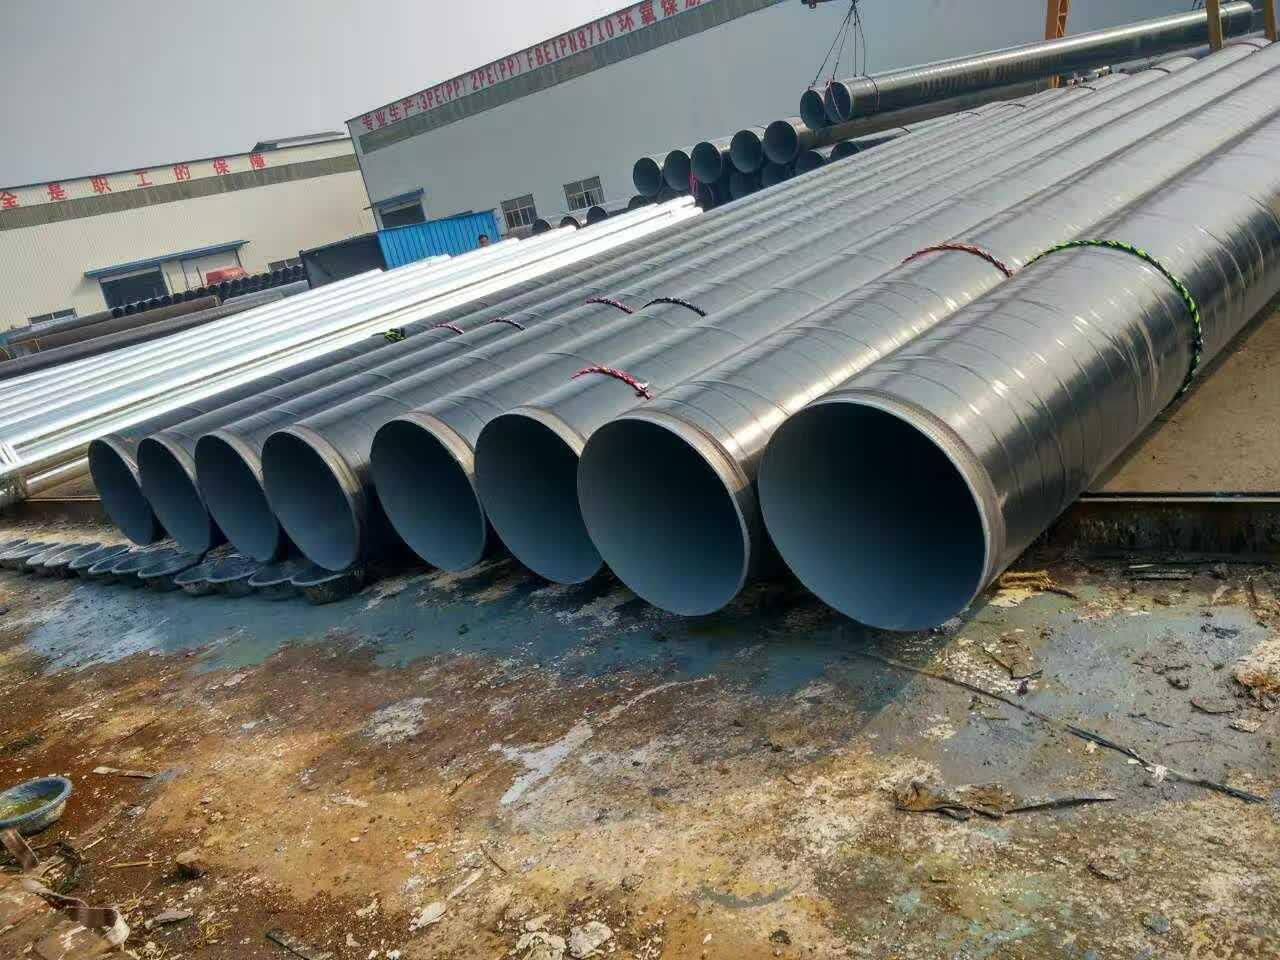 环氧煤沥青防腐钢管生产厂家  环氧煤沥青防腐钢管厂家  环氧煤沥青防腐钢管商家